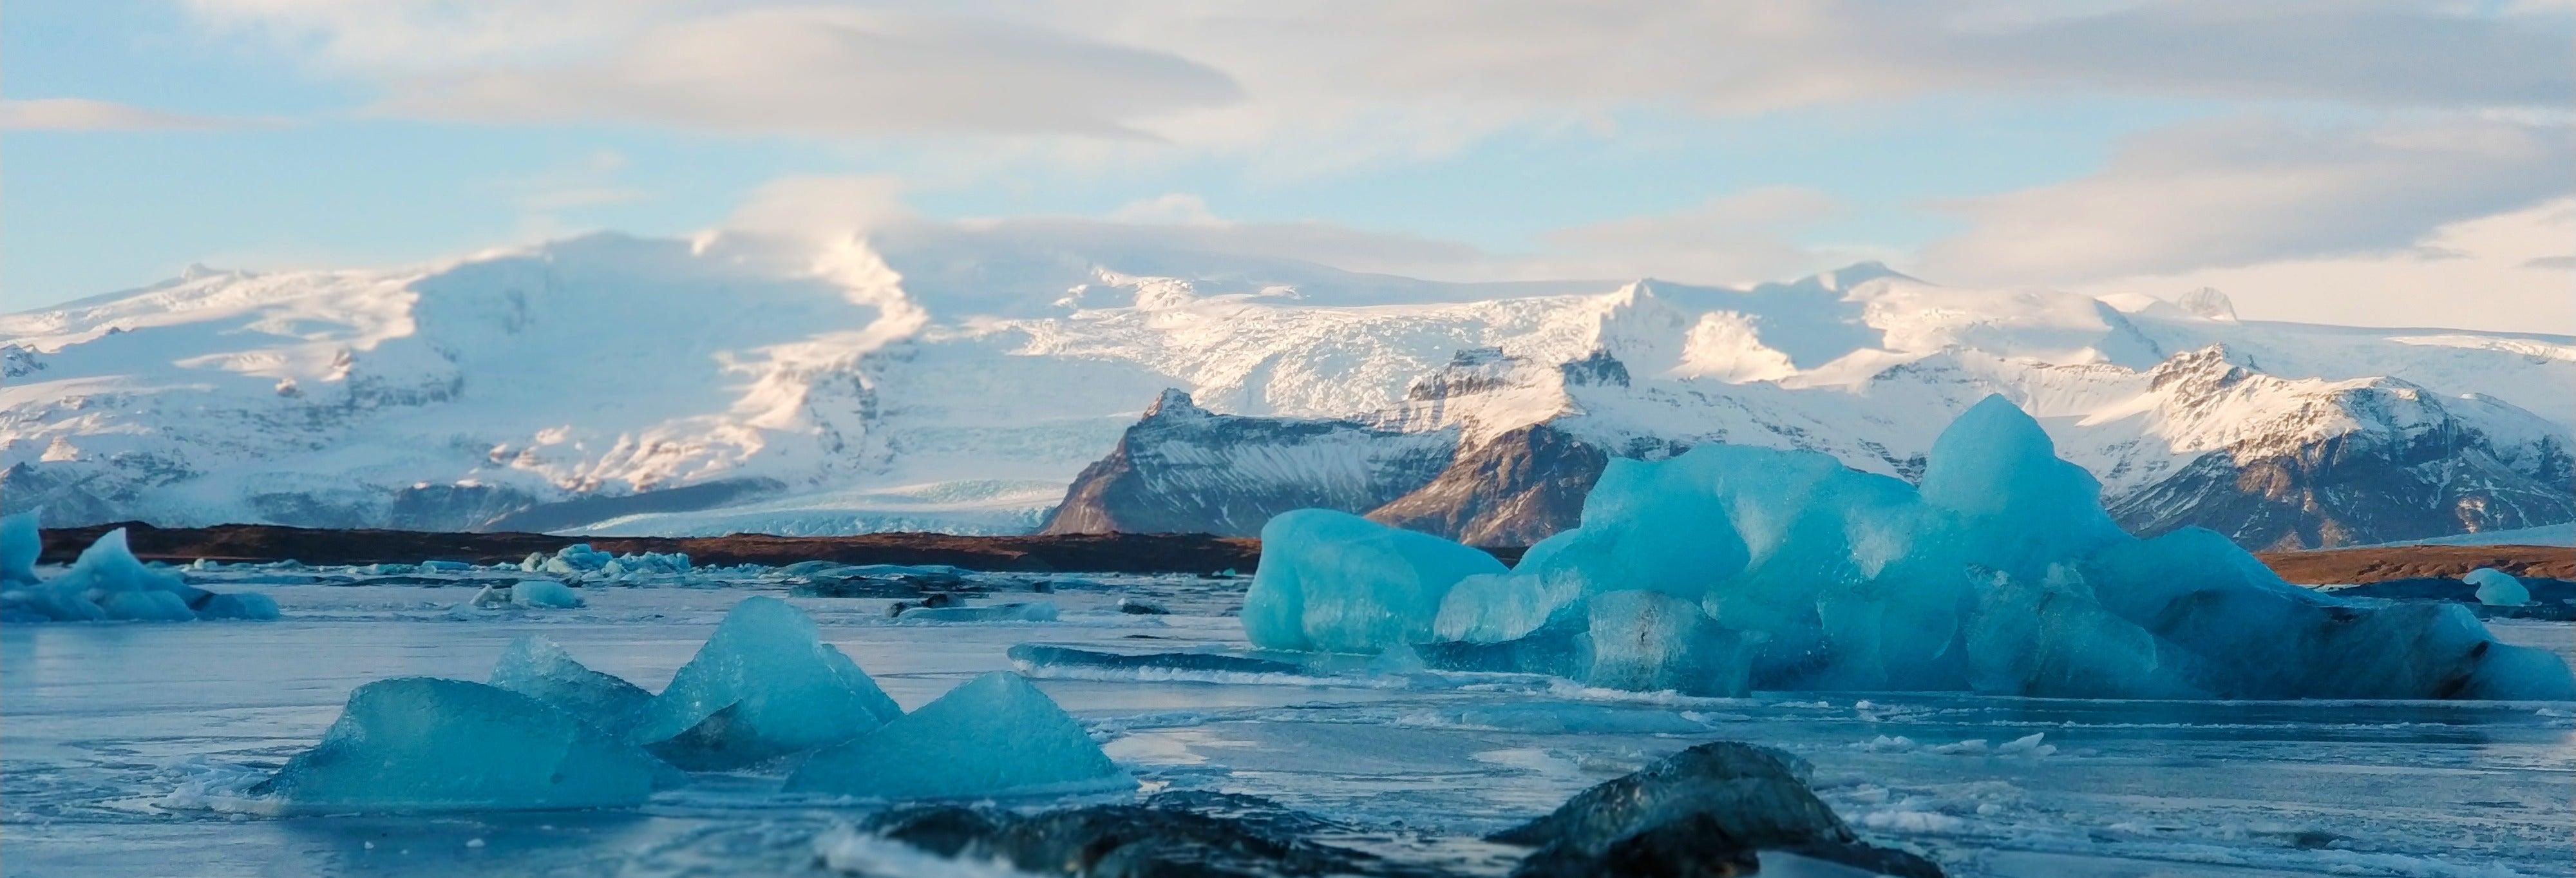 Tour de 2 días por los glaciares del sur de Islandia